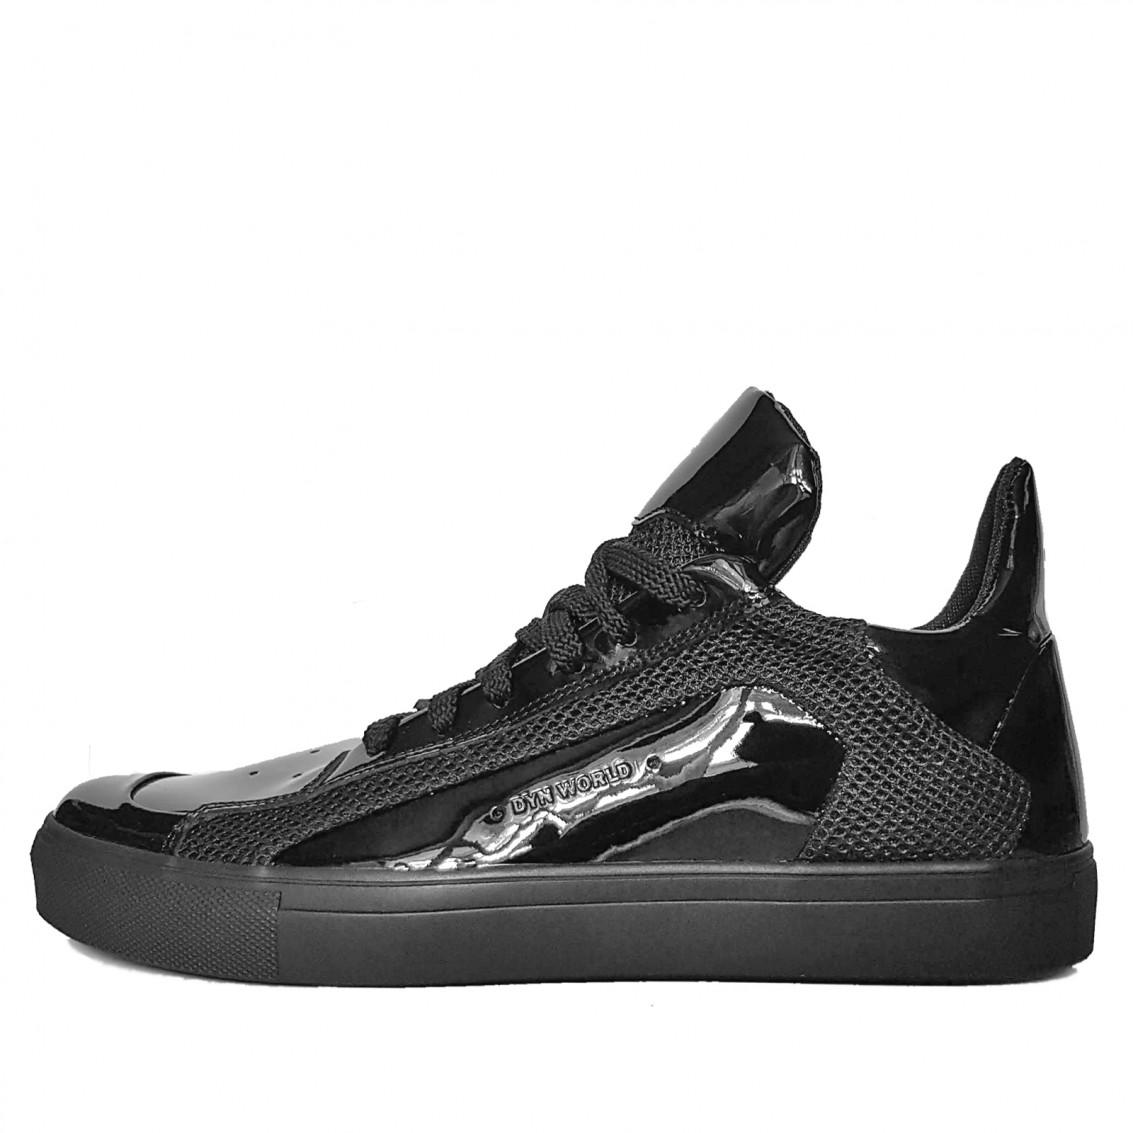 Men's low-top patent sneakers